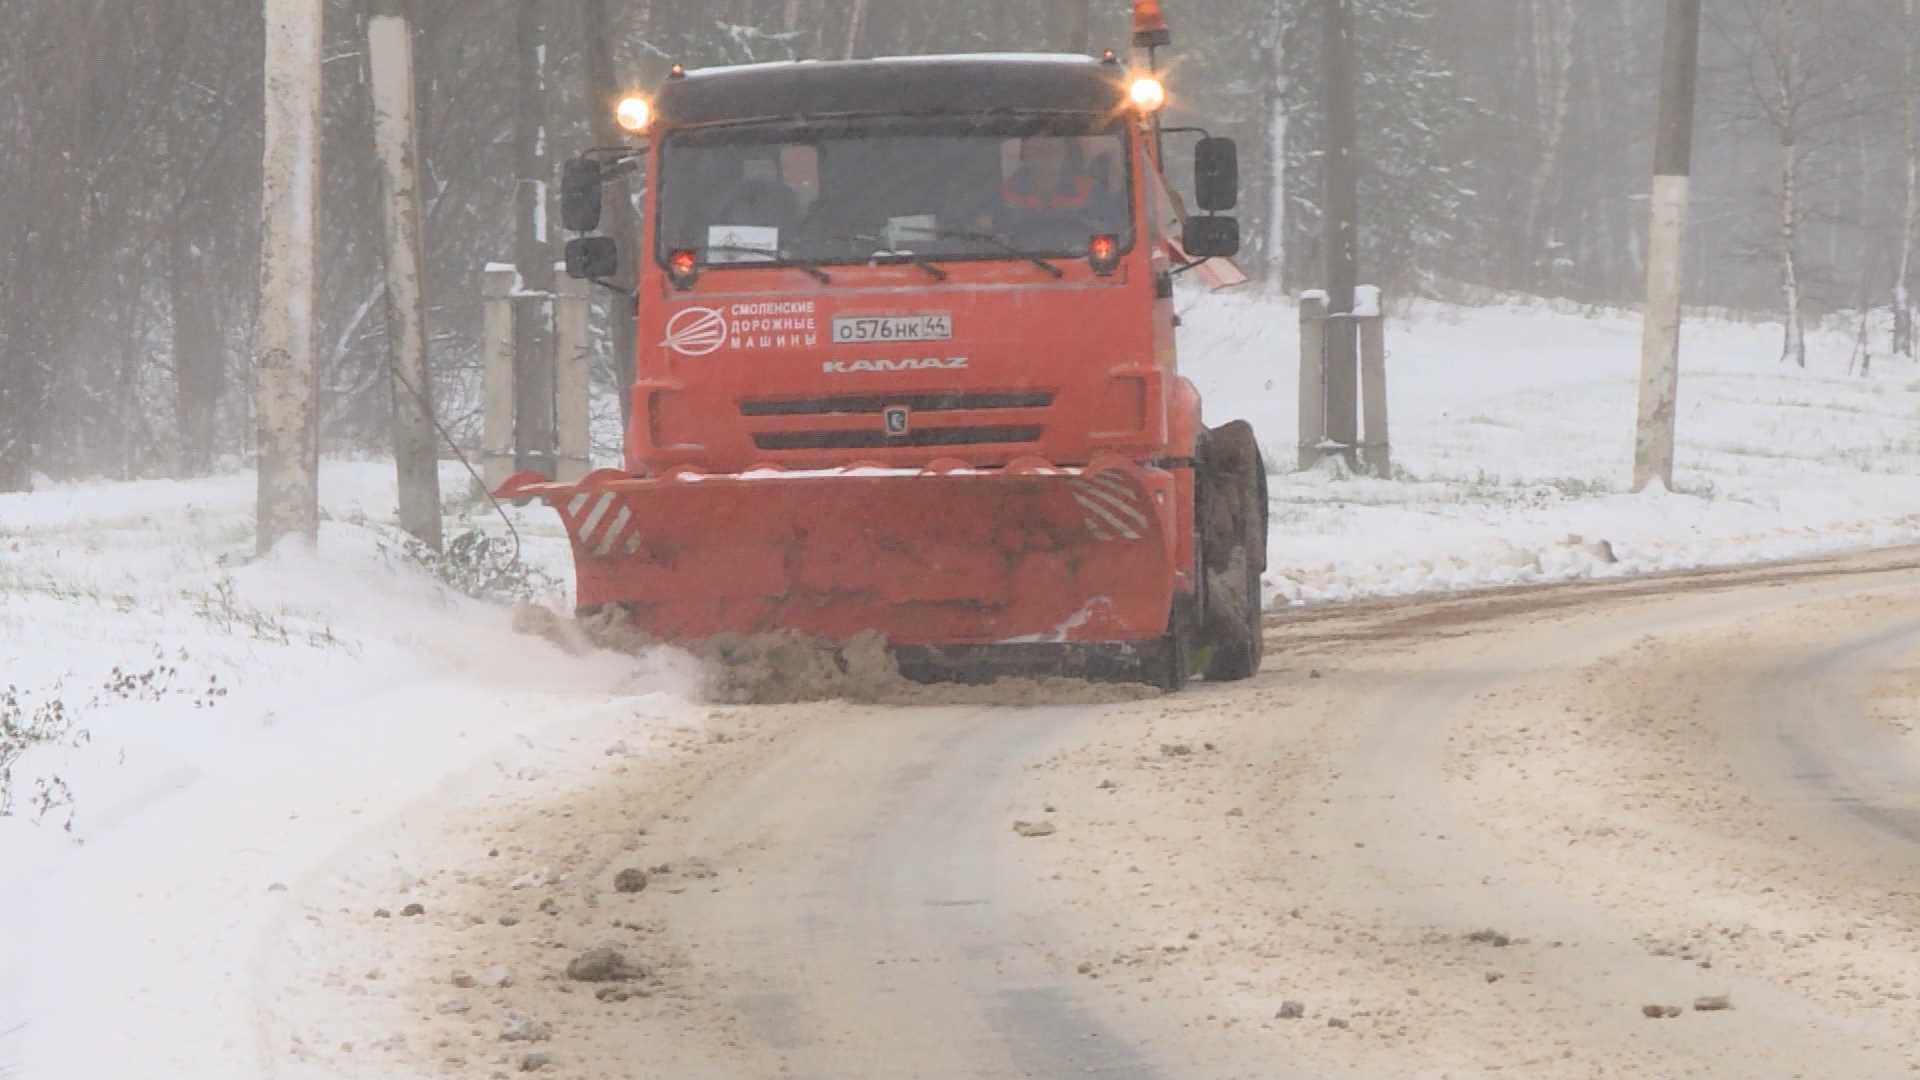 Сергей Ситников поручил дорожным службам региона перейти на усиленный режим работы